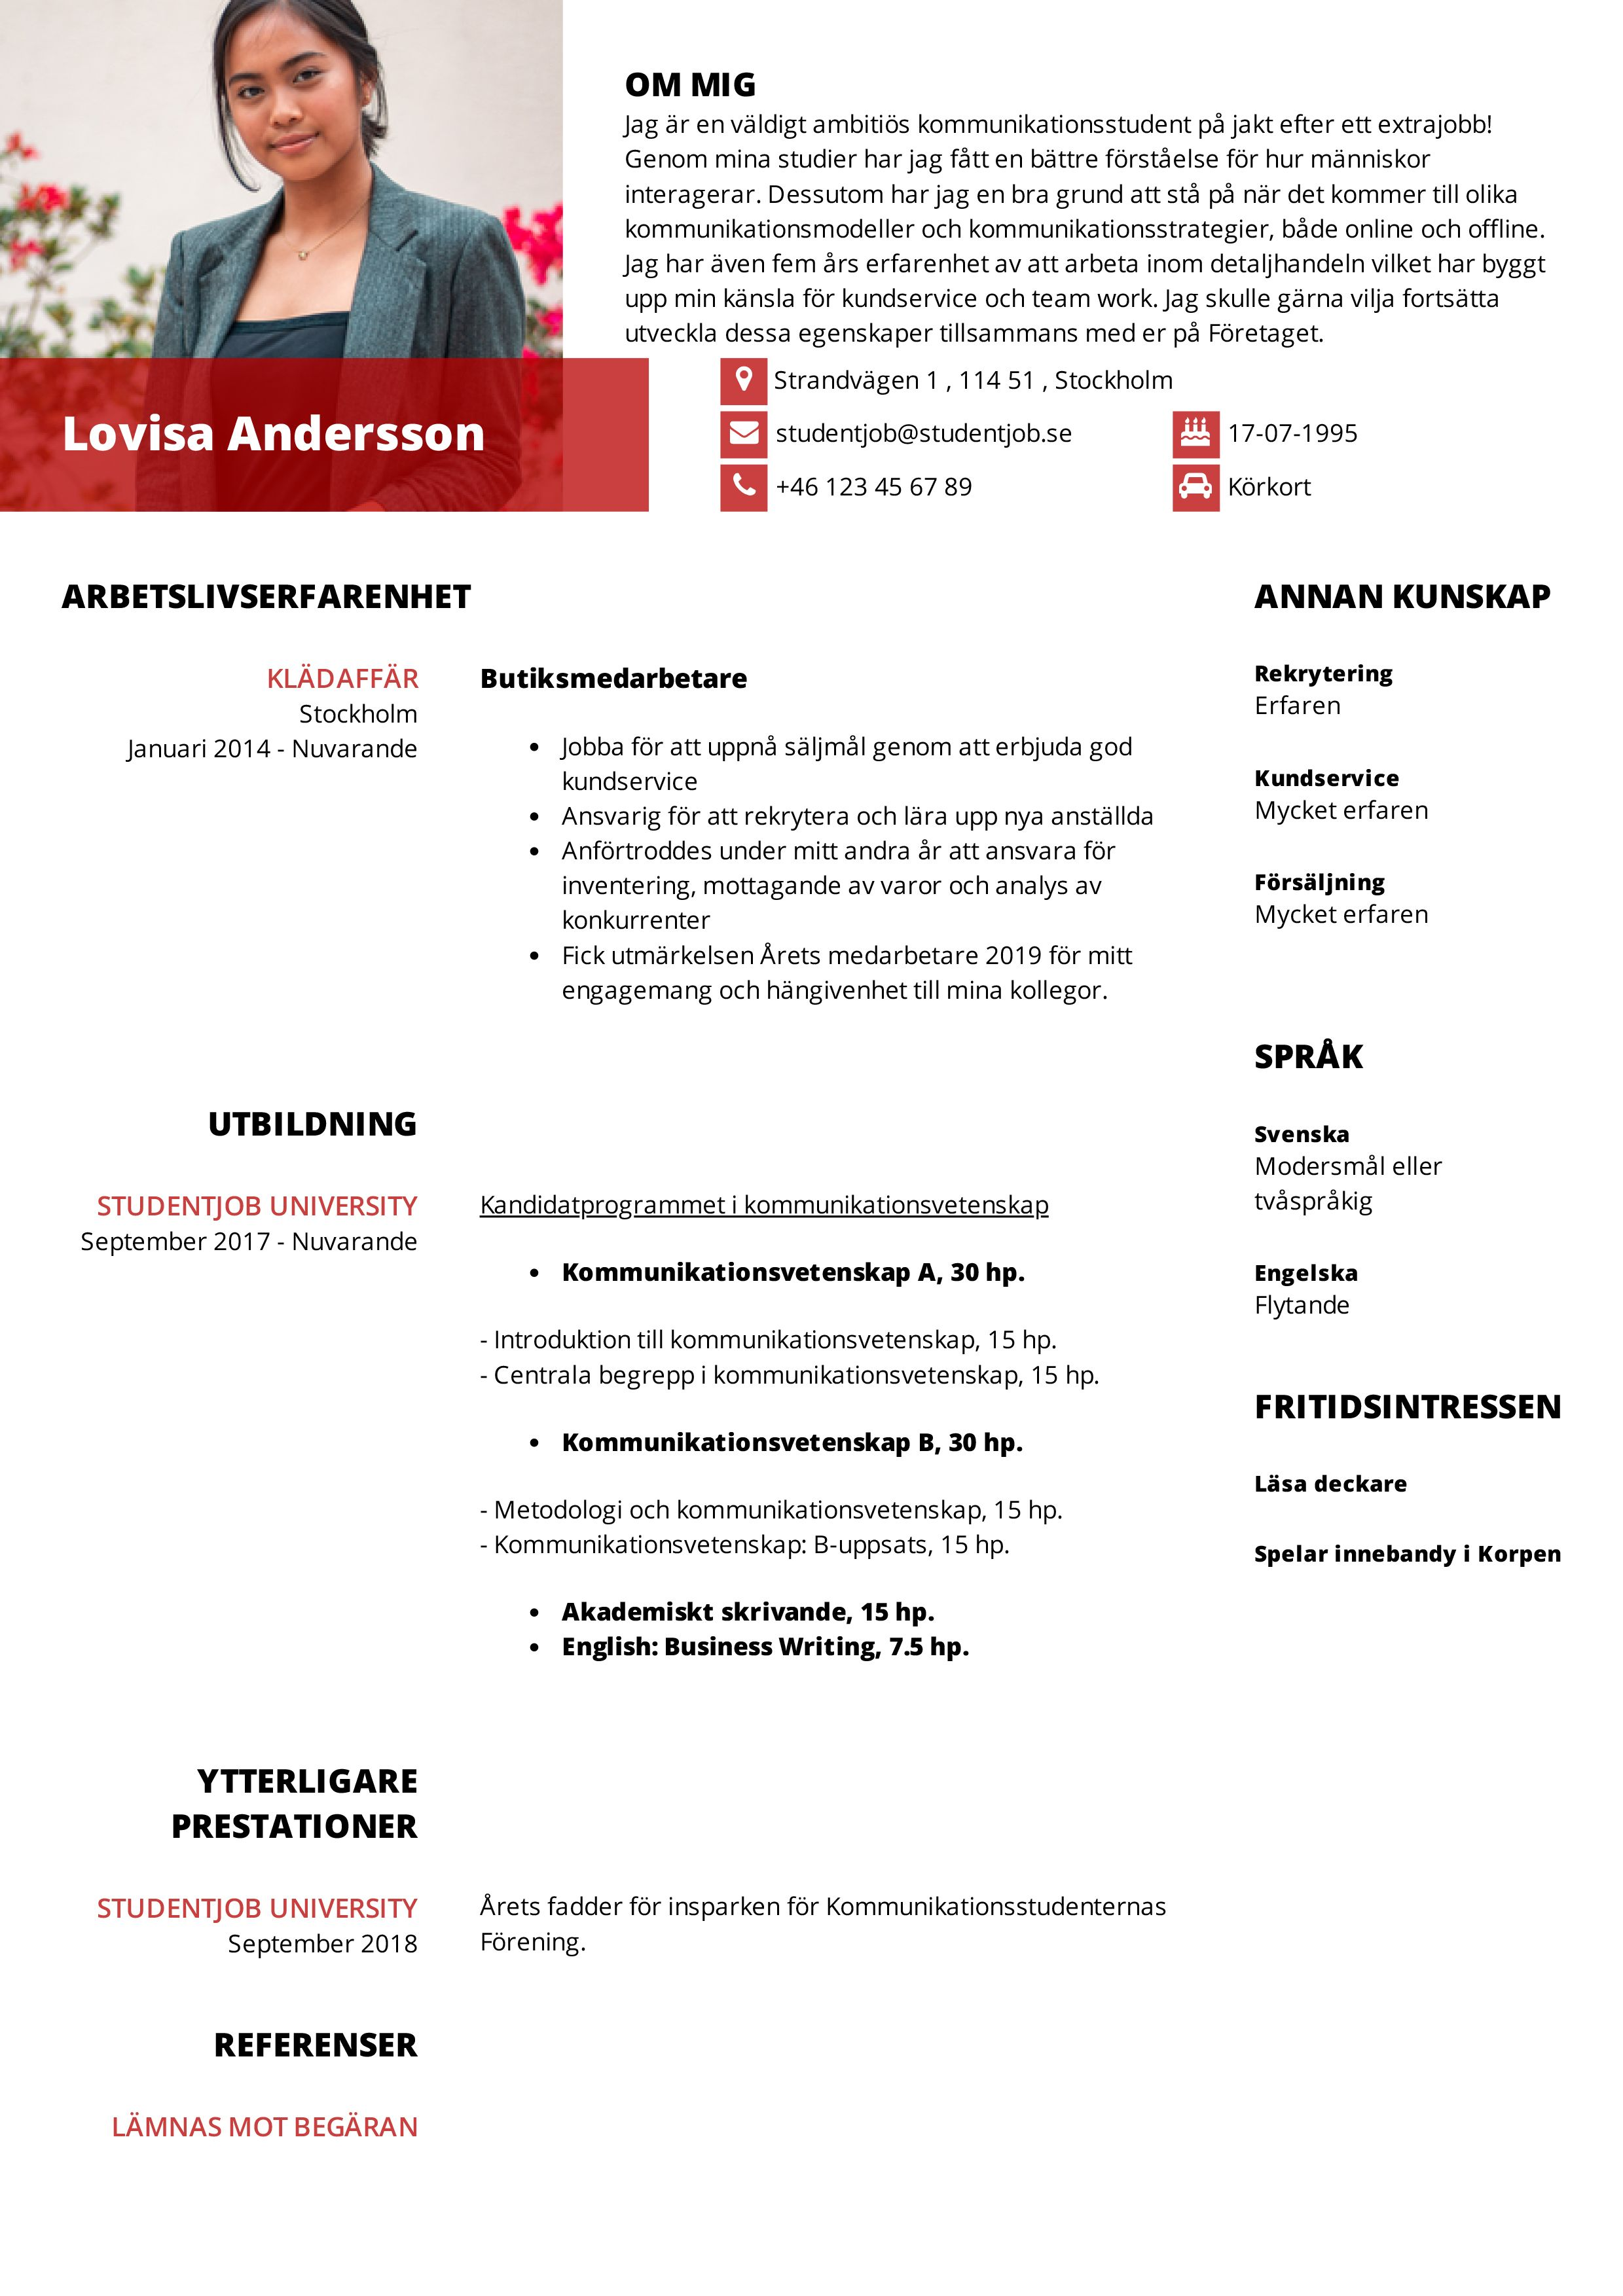 Hur skriver man ett CV